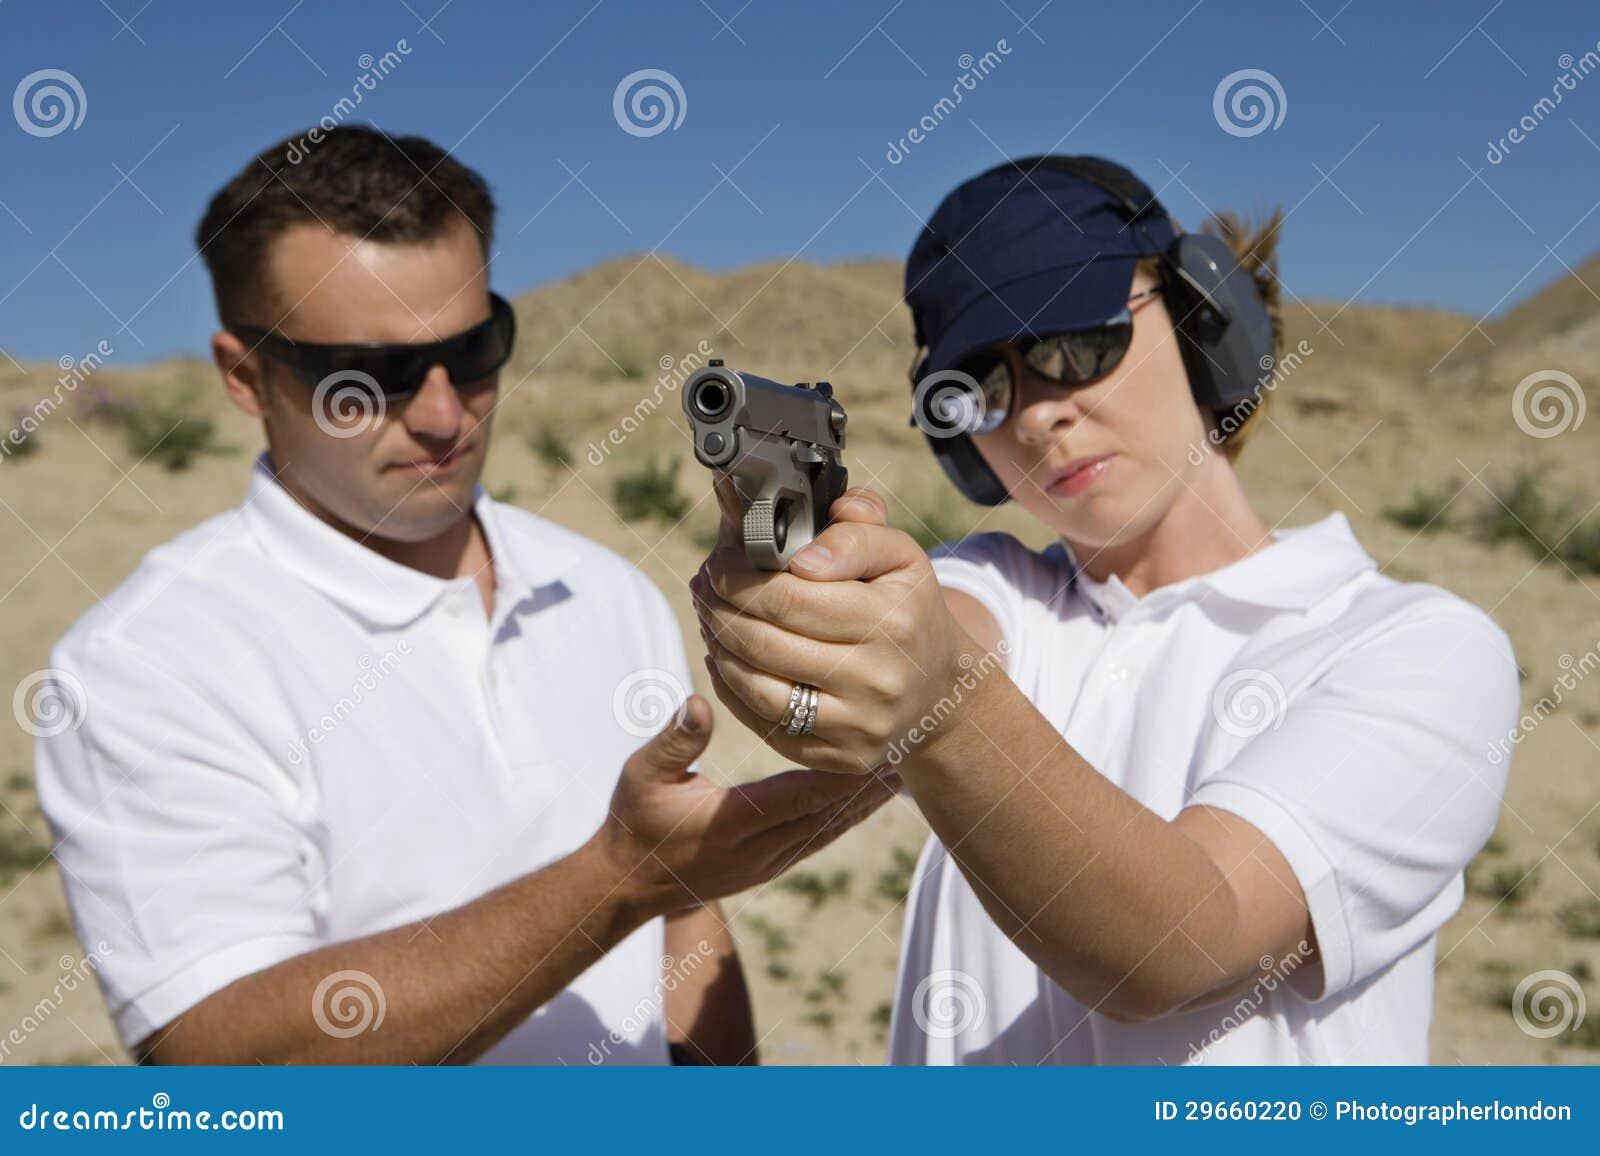 Vapen för instruktörAssisting Woman With hand